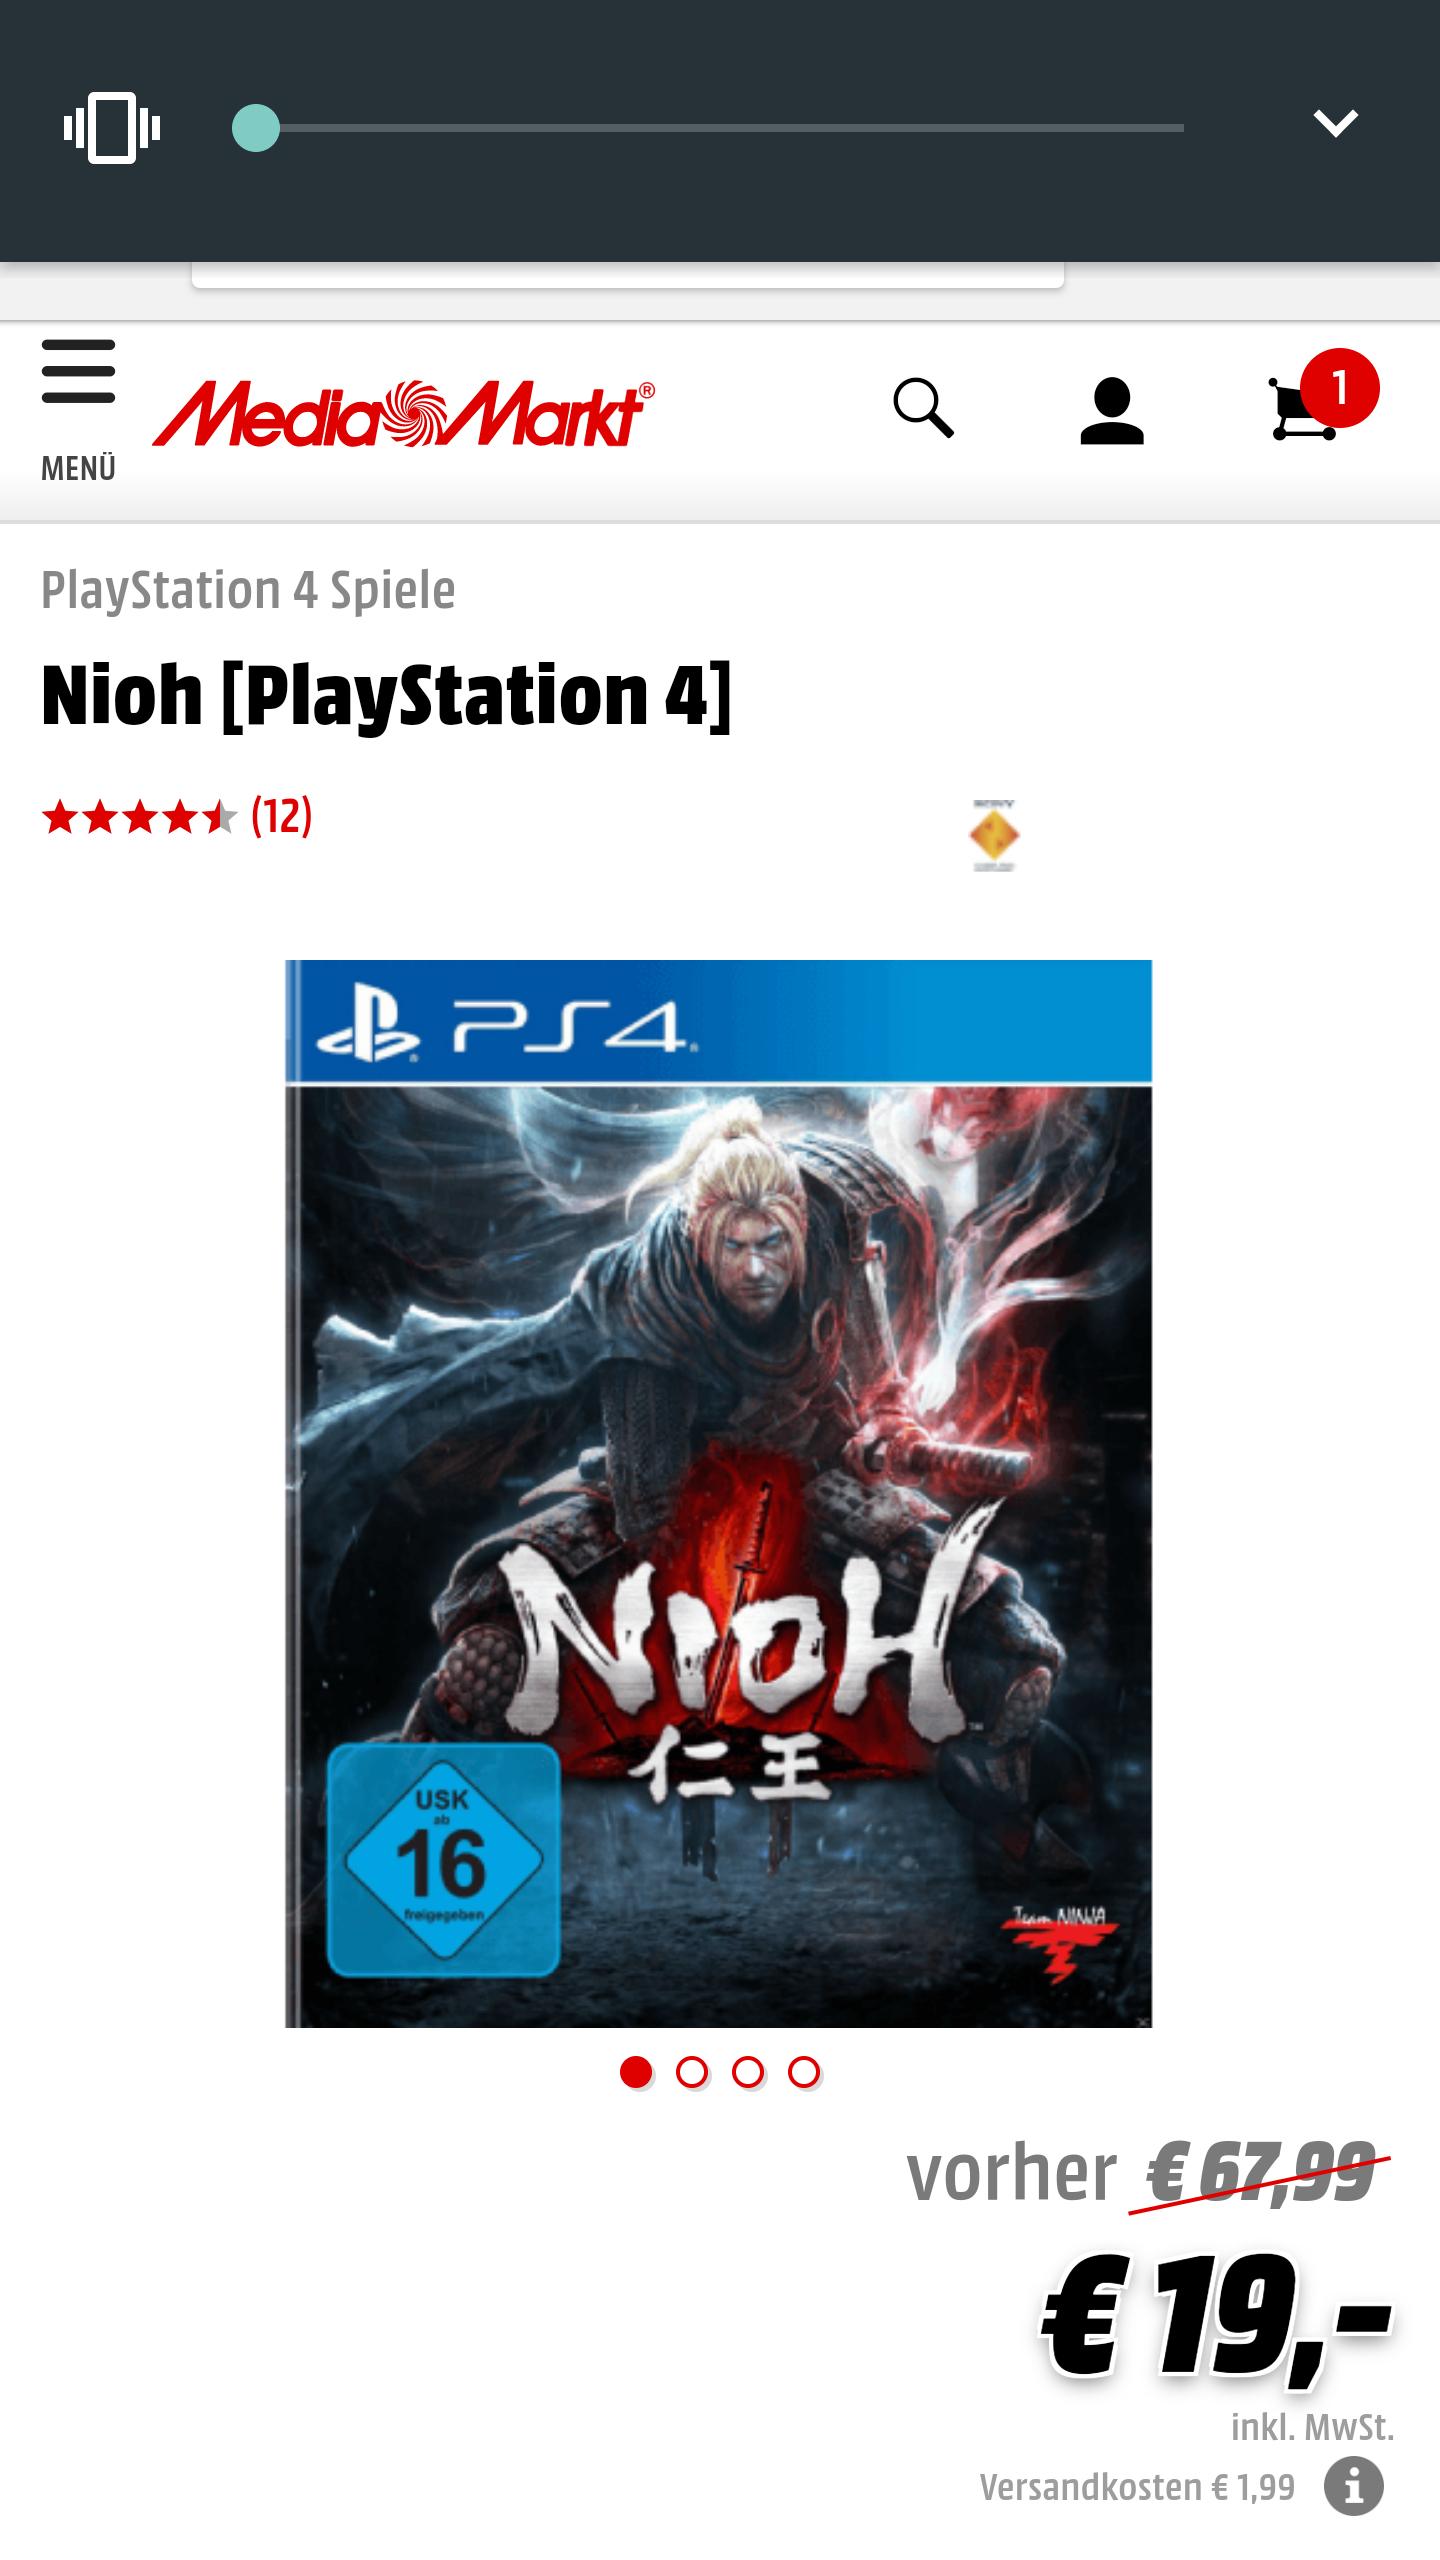 Media Markt Nioh PS4